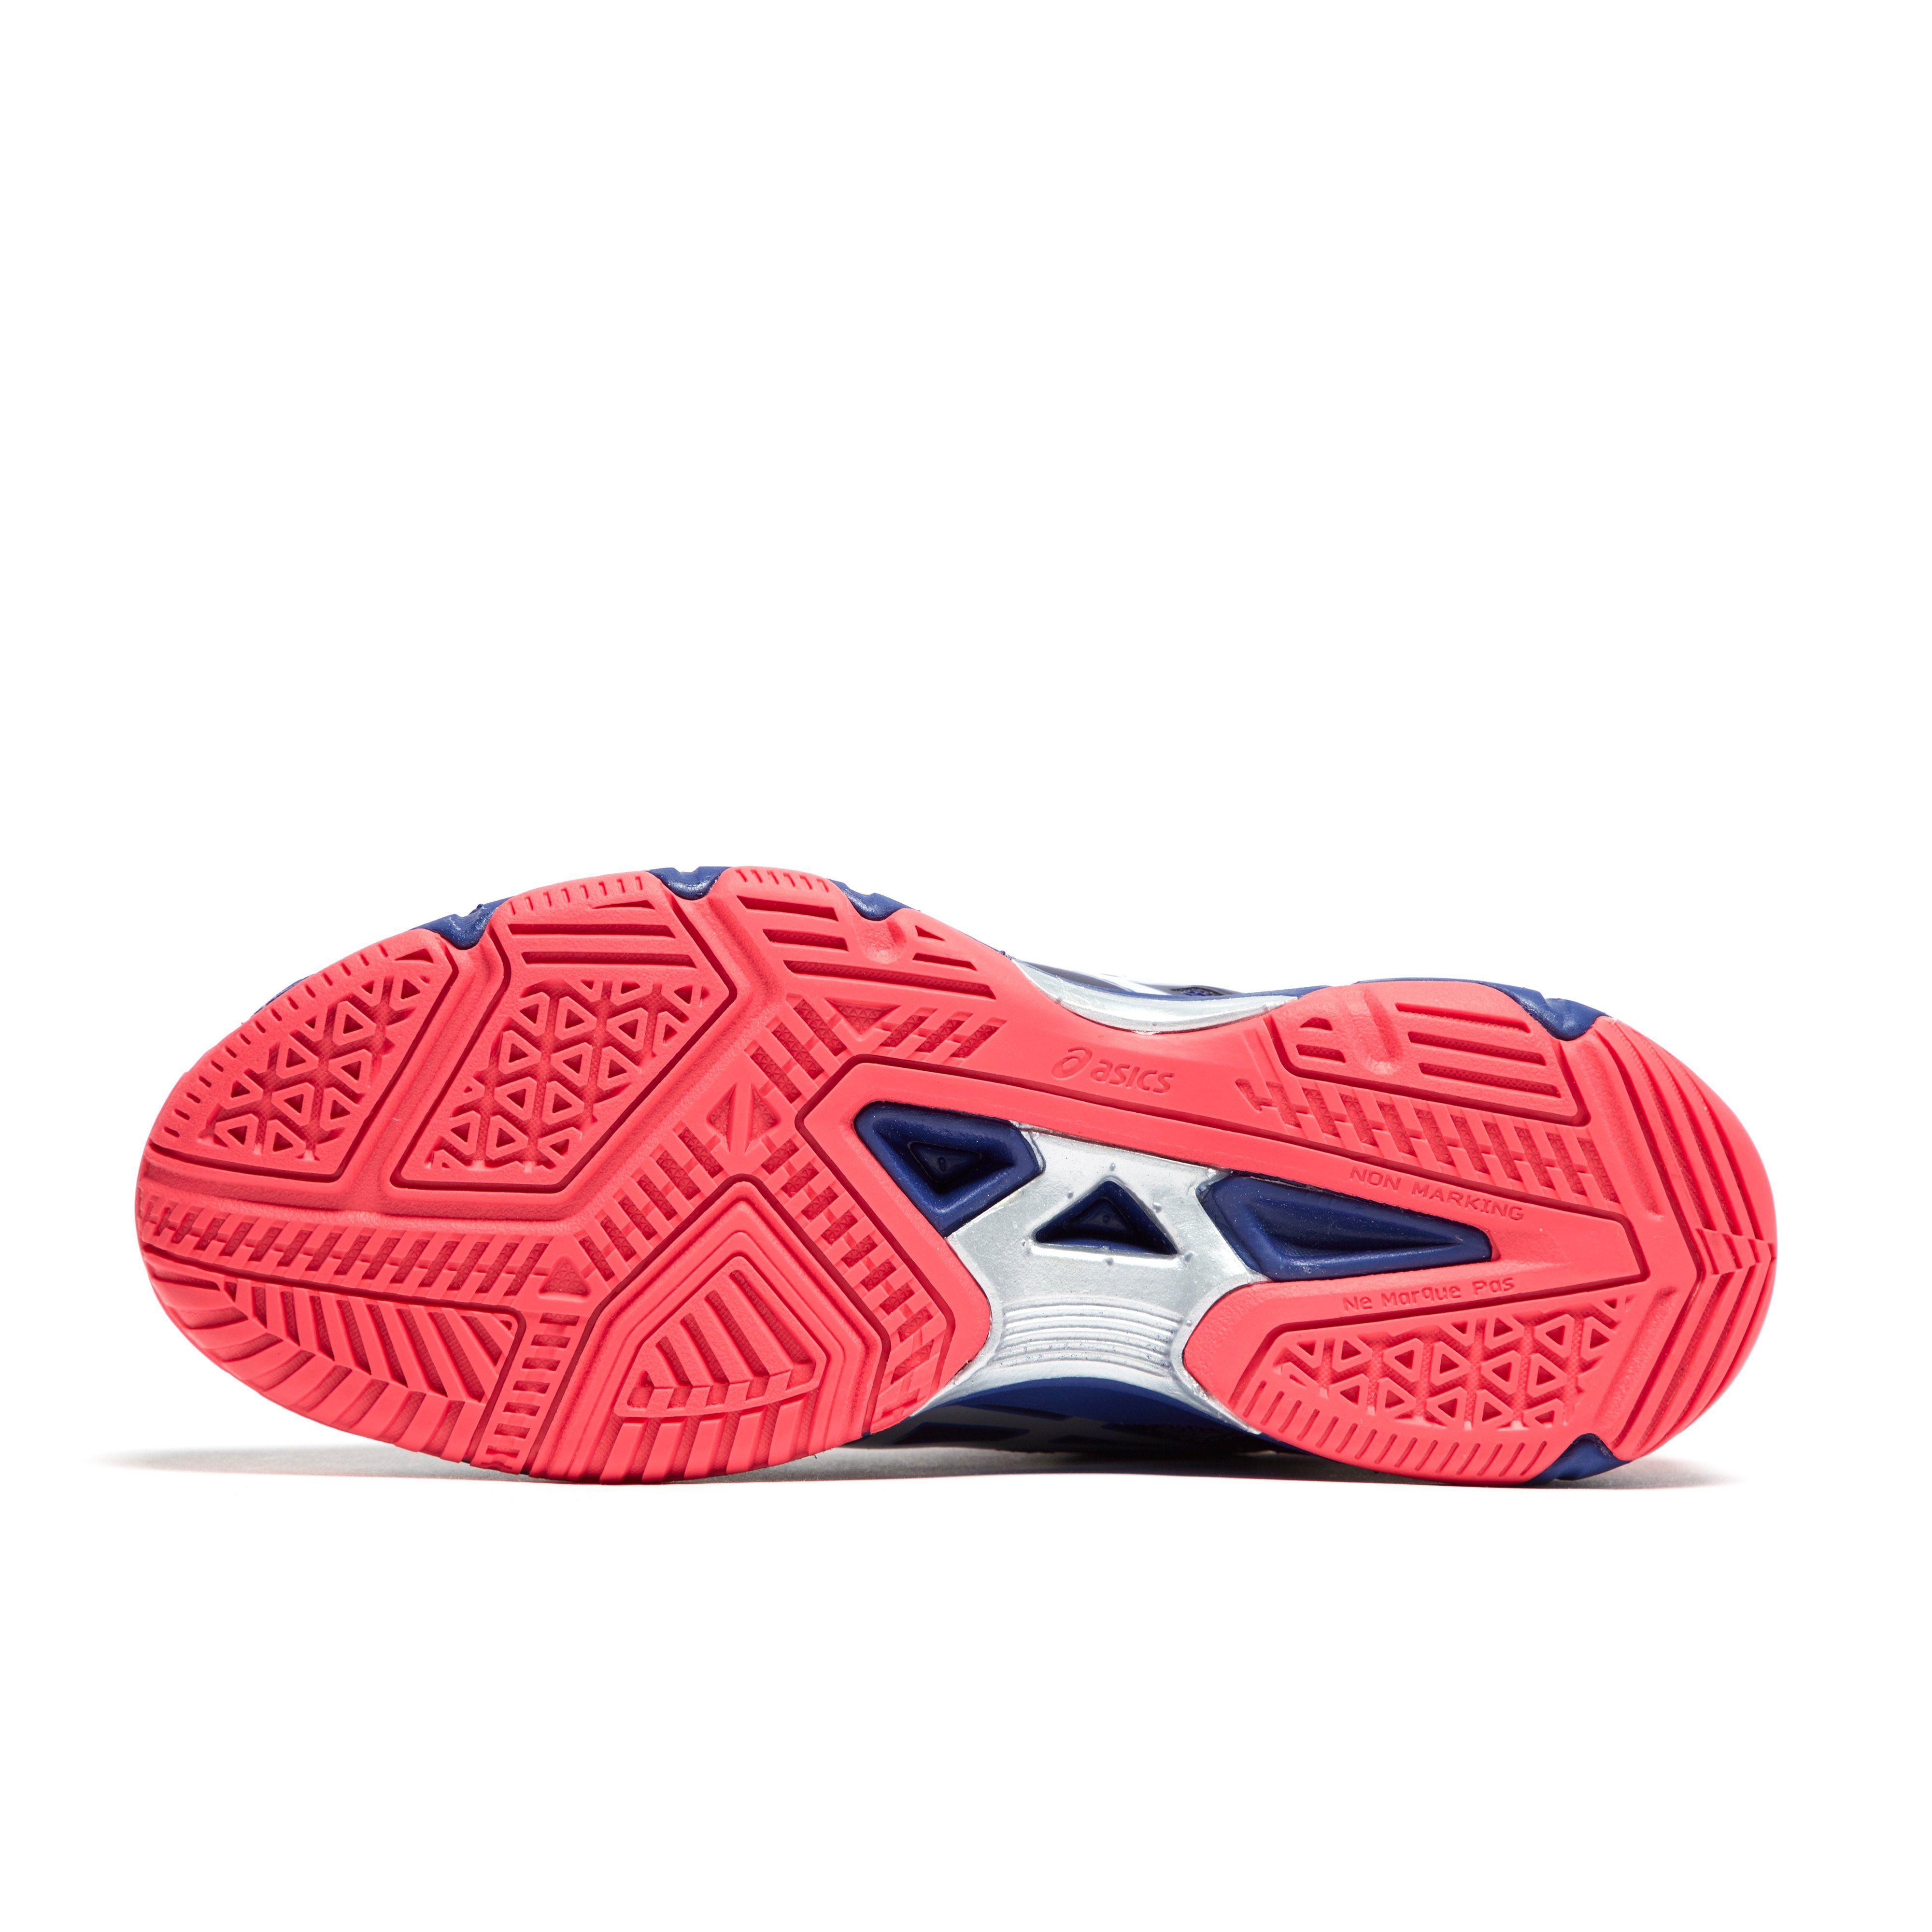 ASICS Gel-Beyond 5 Women's Indoor Court Shoes